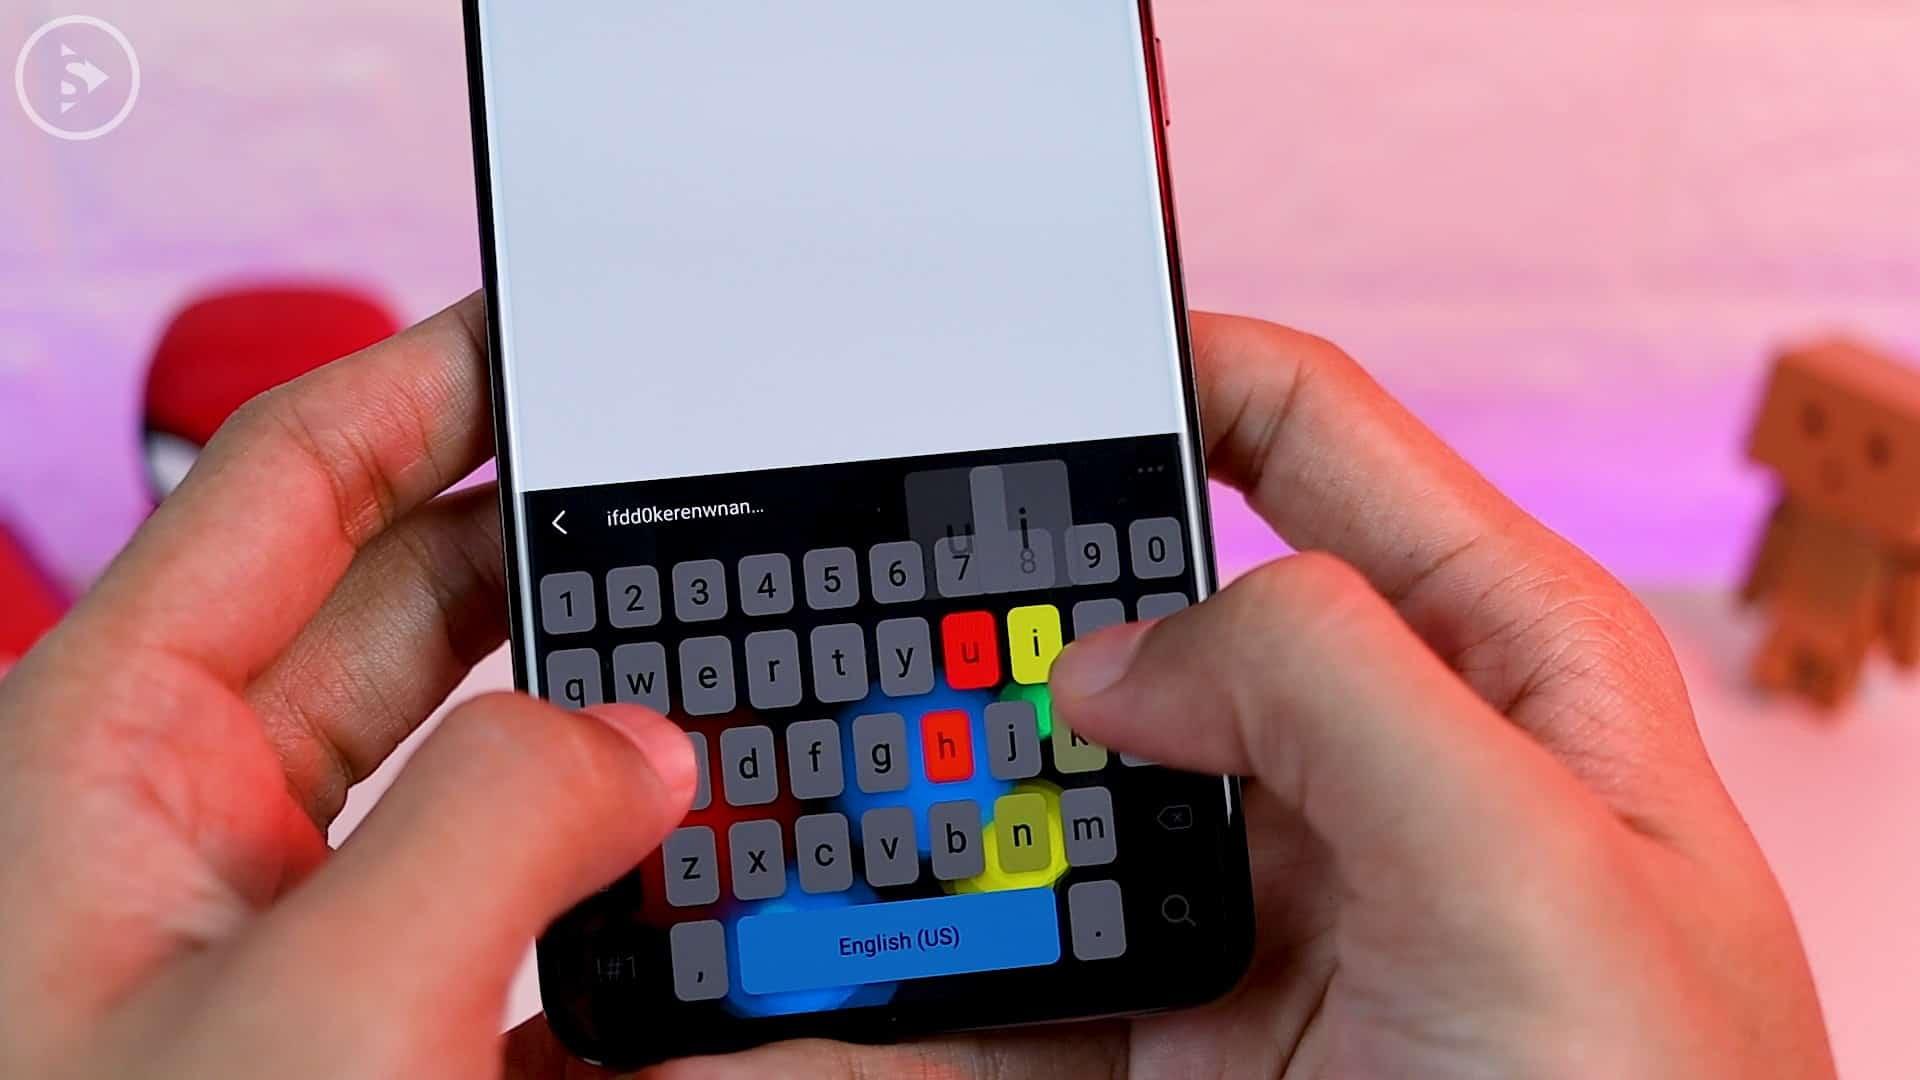 Tips Aplikasi Keys Cafe Terbaru Good Lock - tampilan saat sedang mengetik dengan keys cafe tema gelap dan efek RGB warna-warni